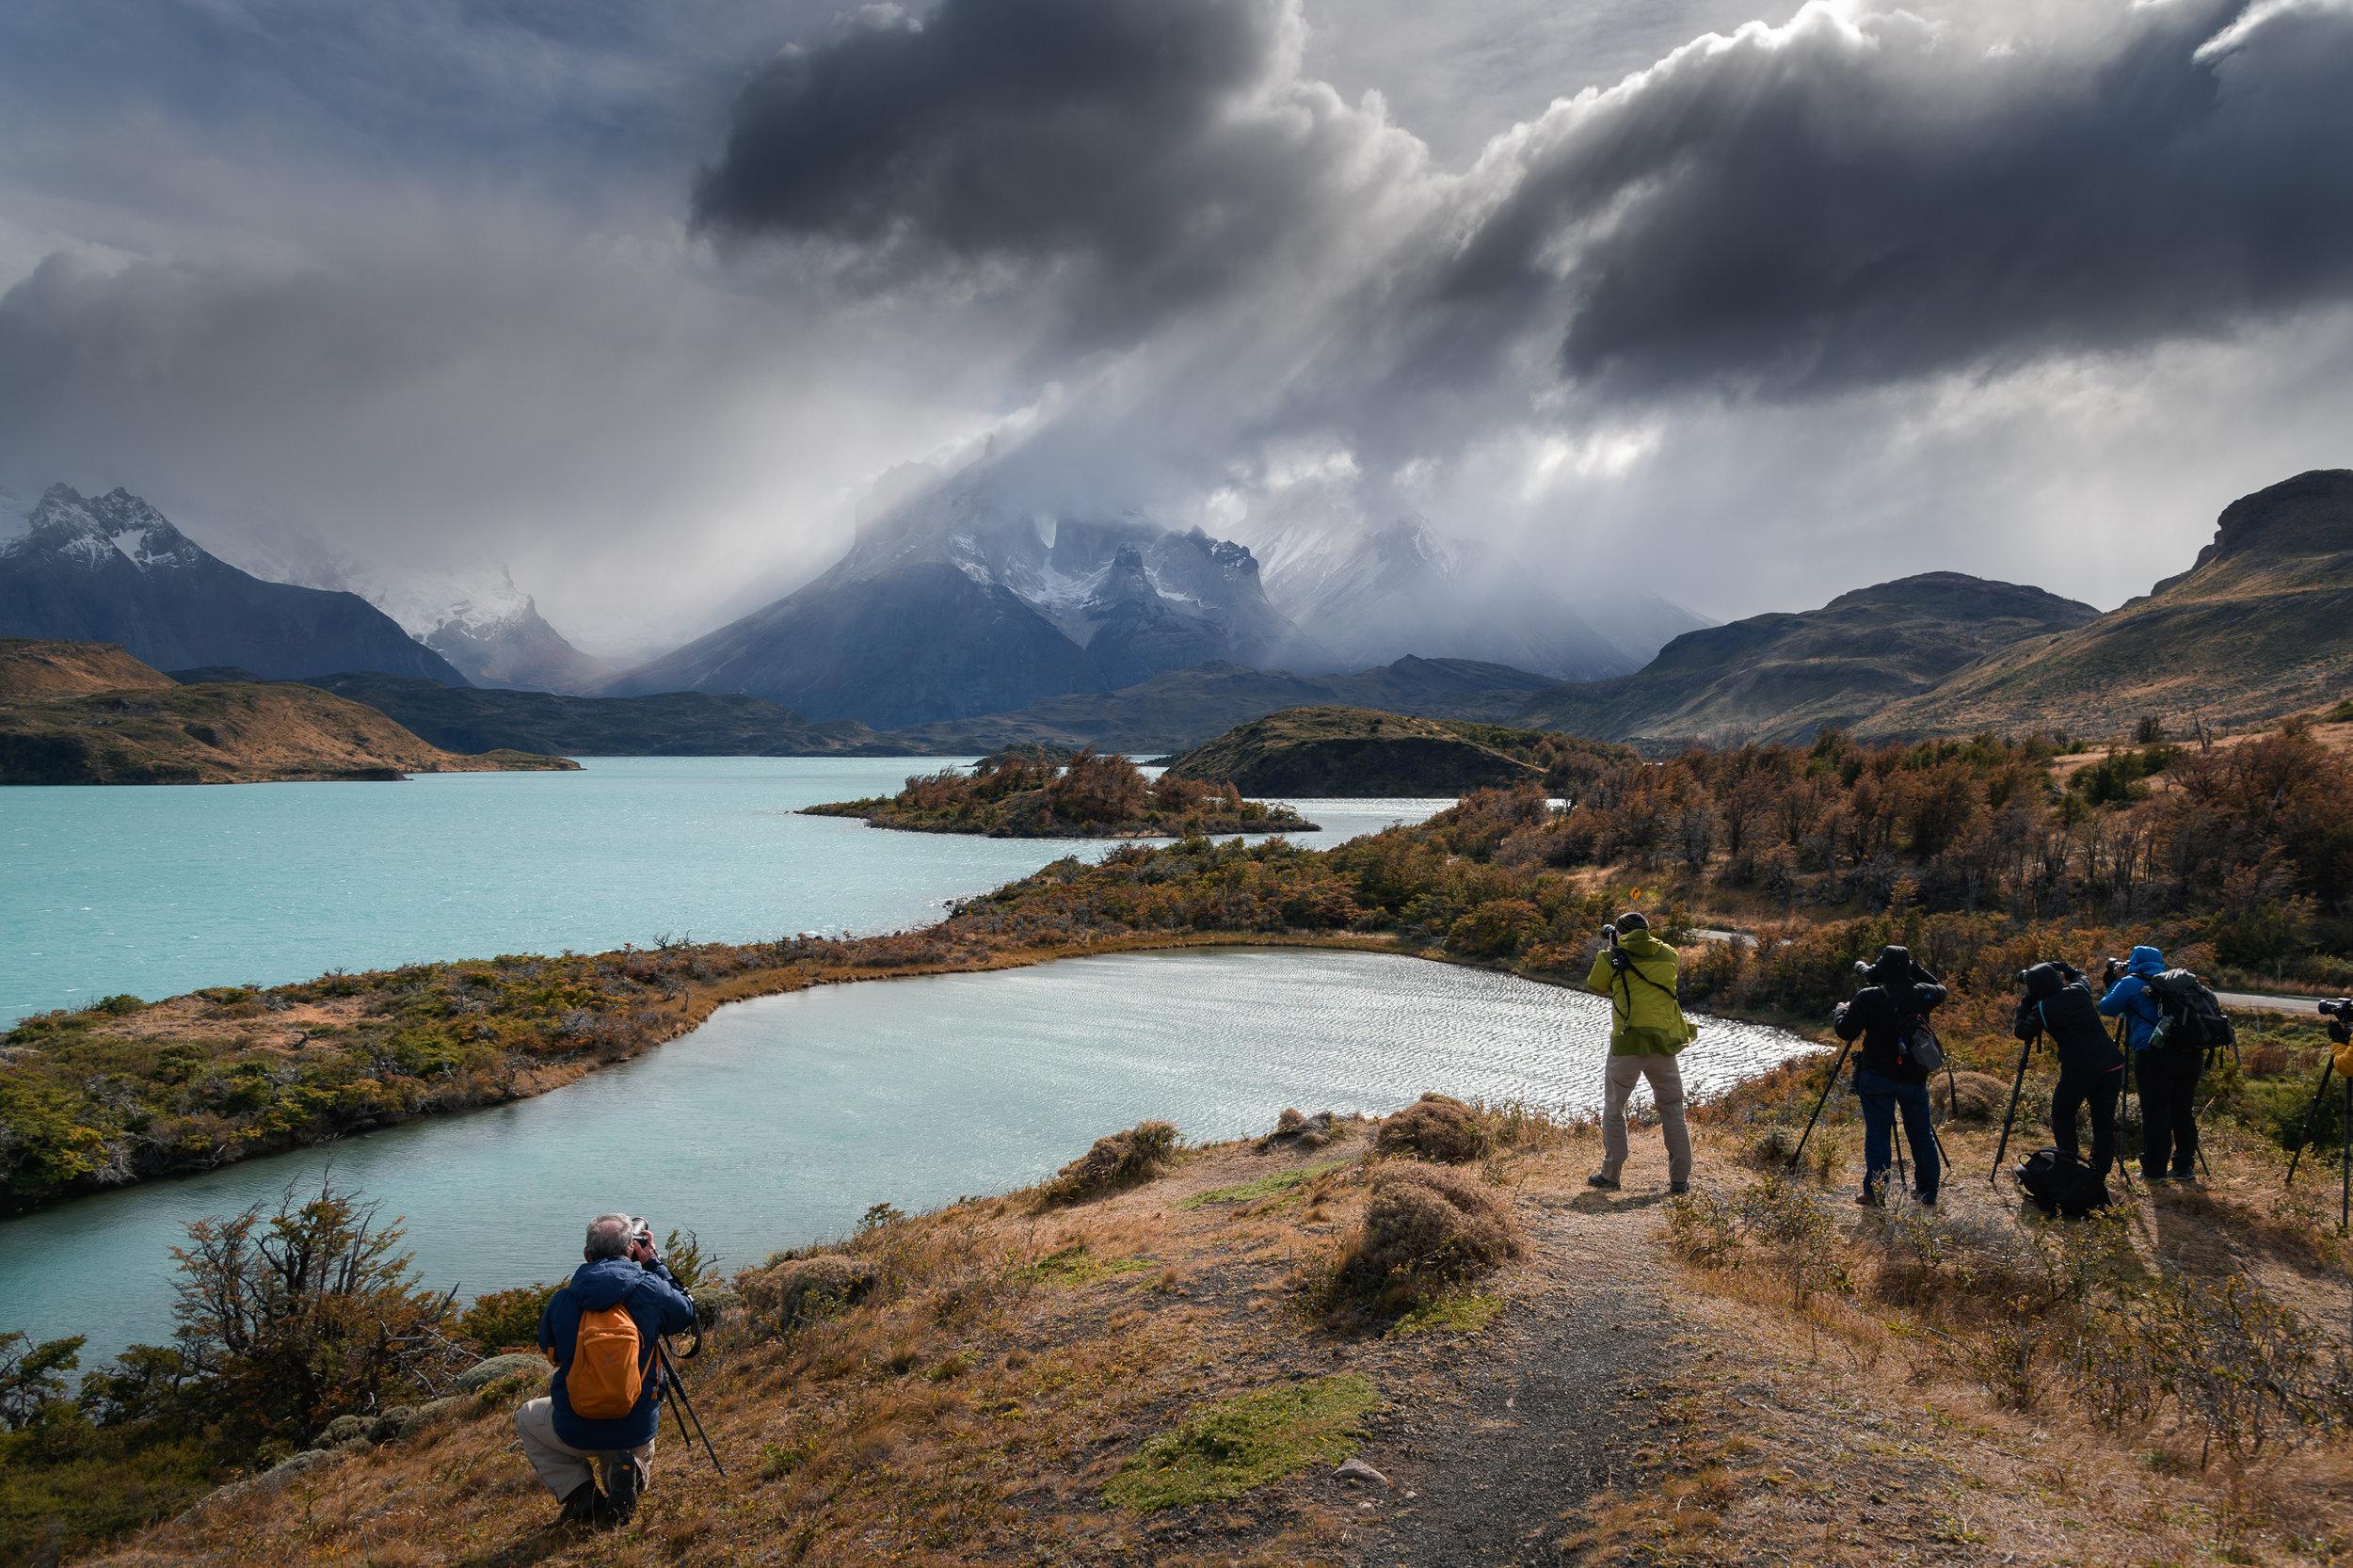 photo_workshop_patagonia-8.jpg